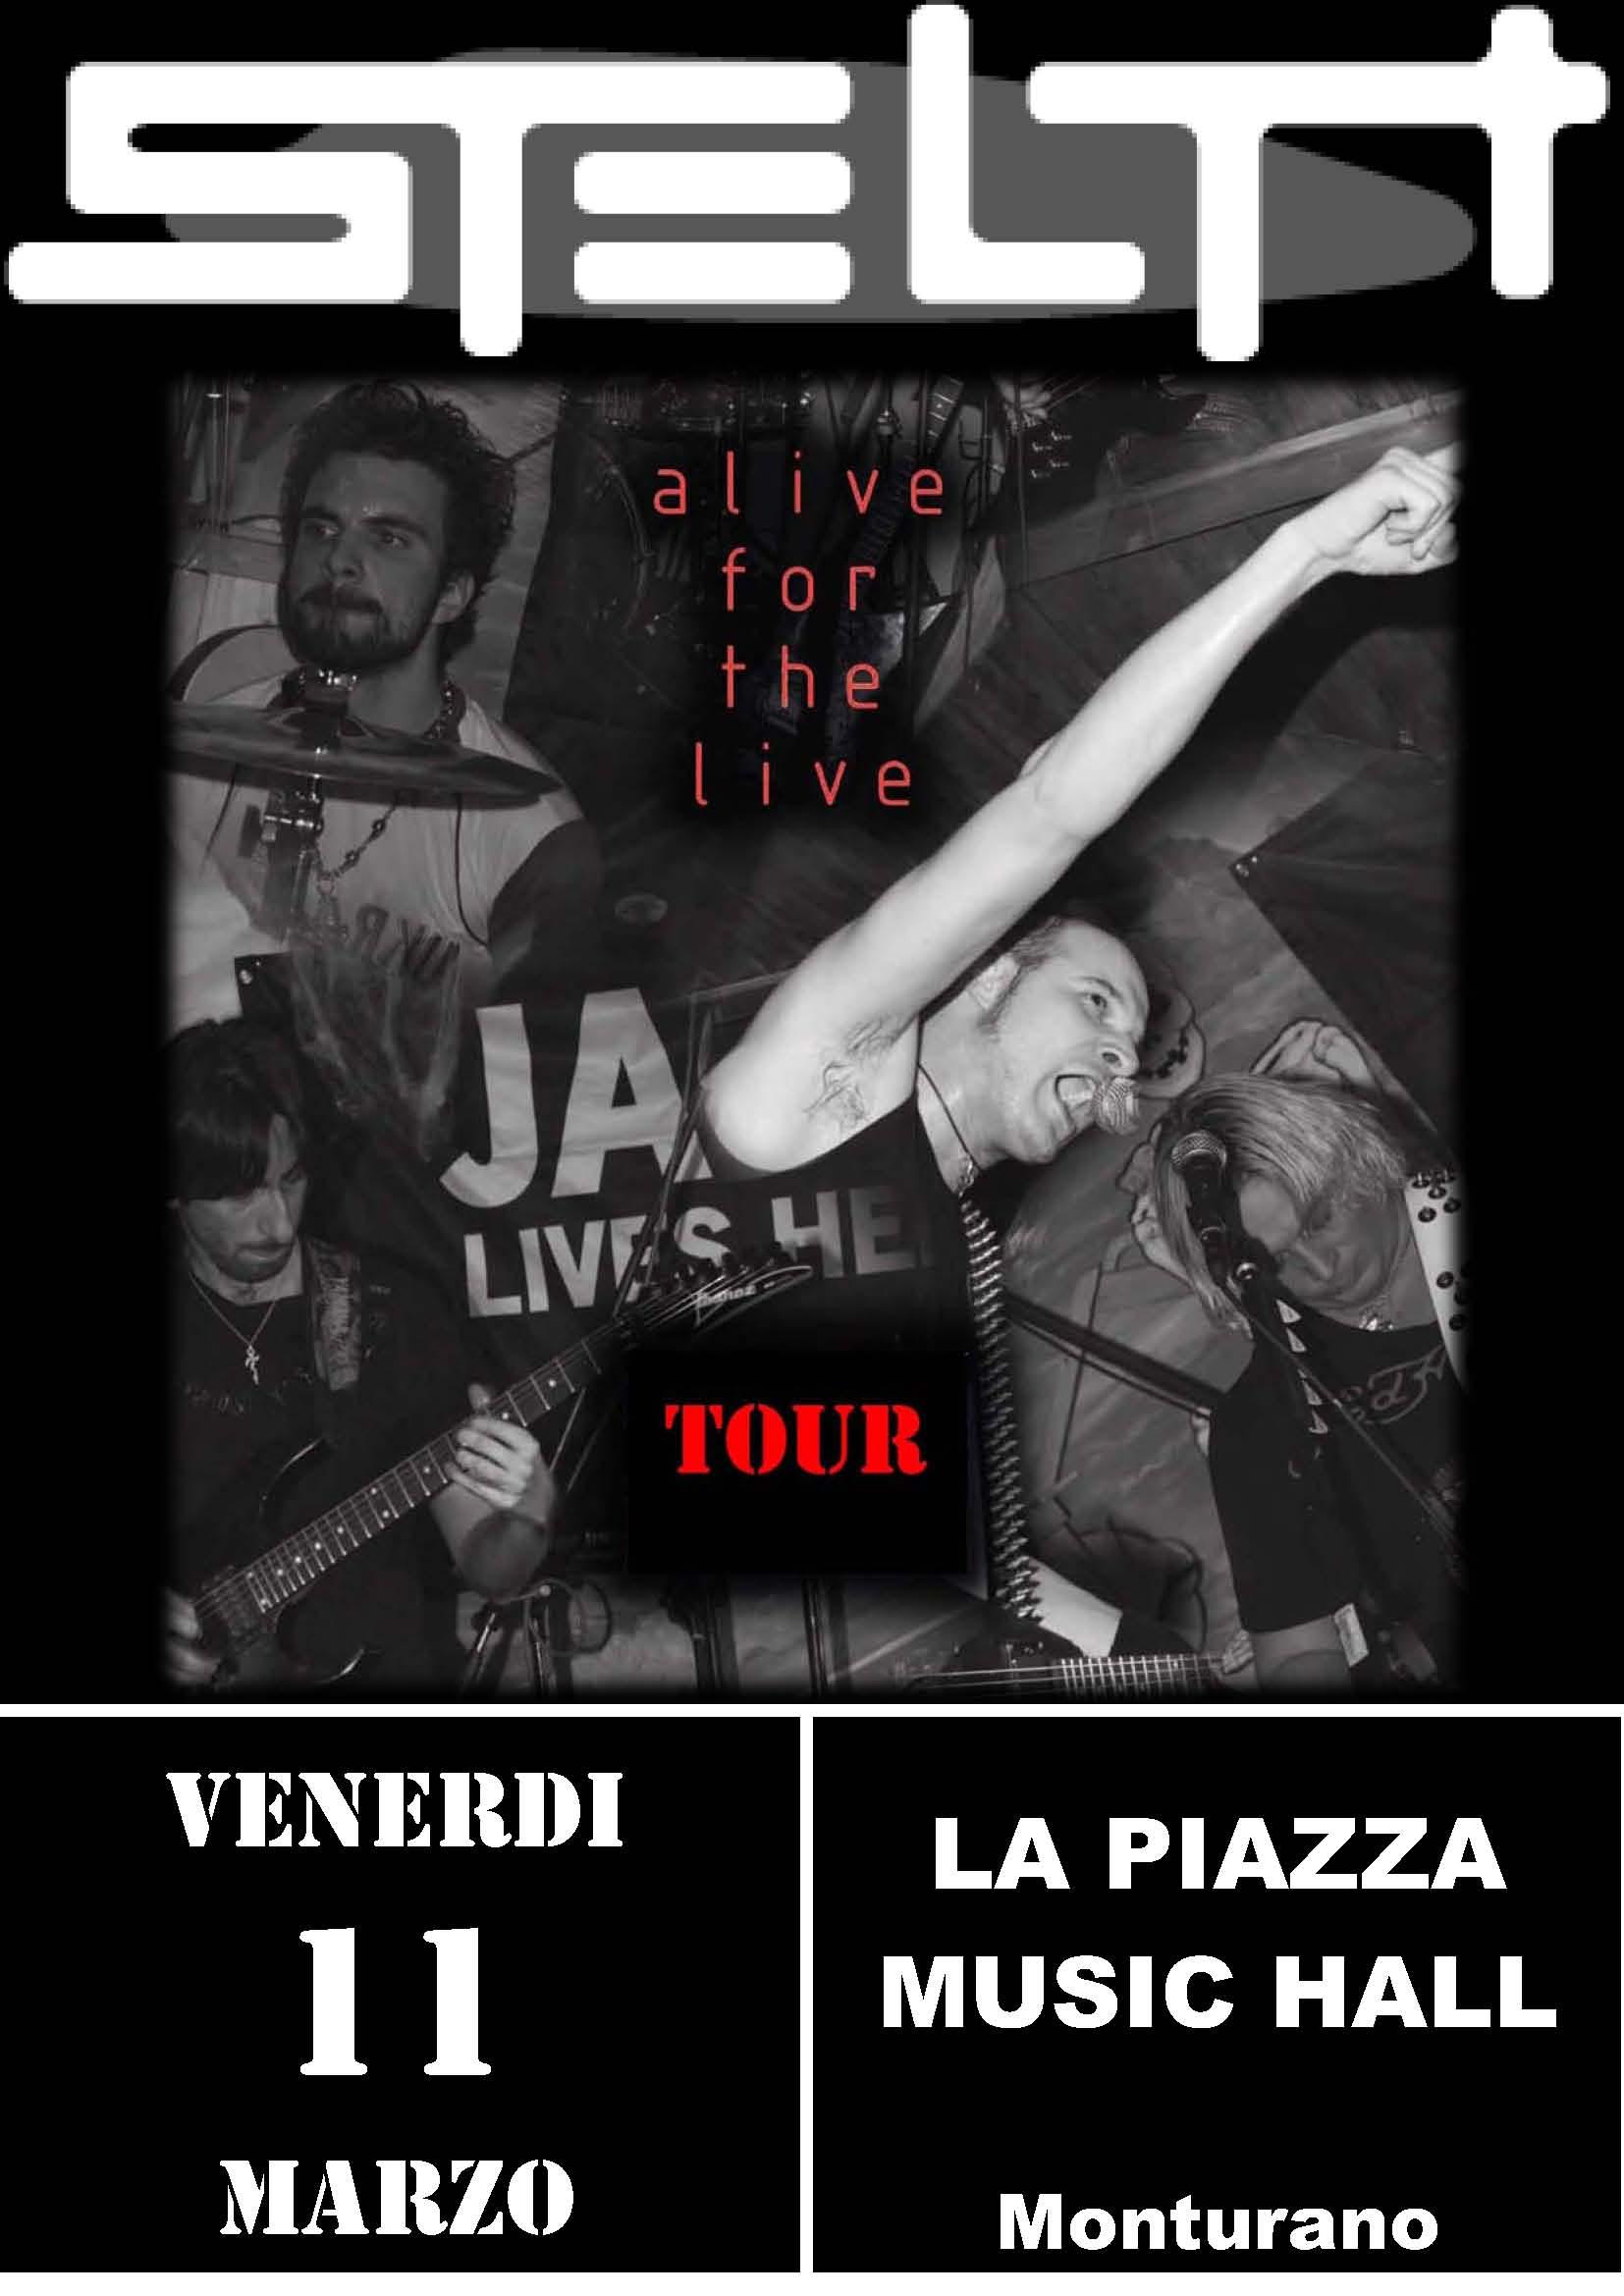 Live@La Piazza Music Hall, Marche, Italy - 11.3.2011